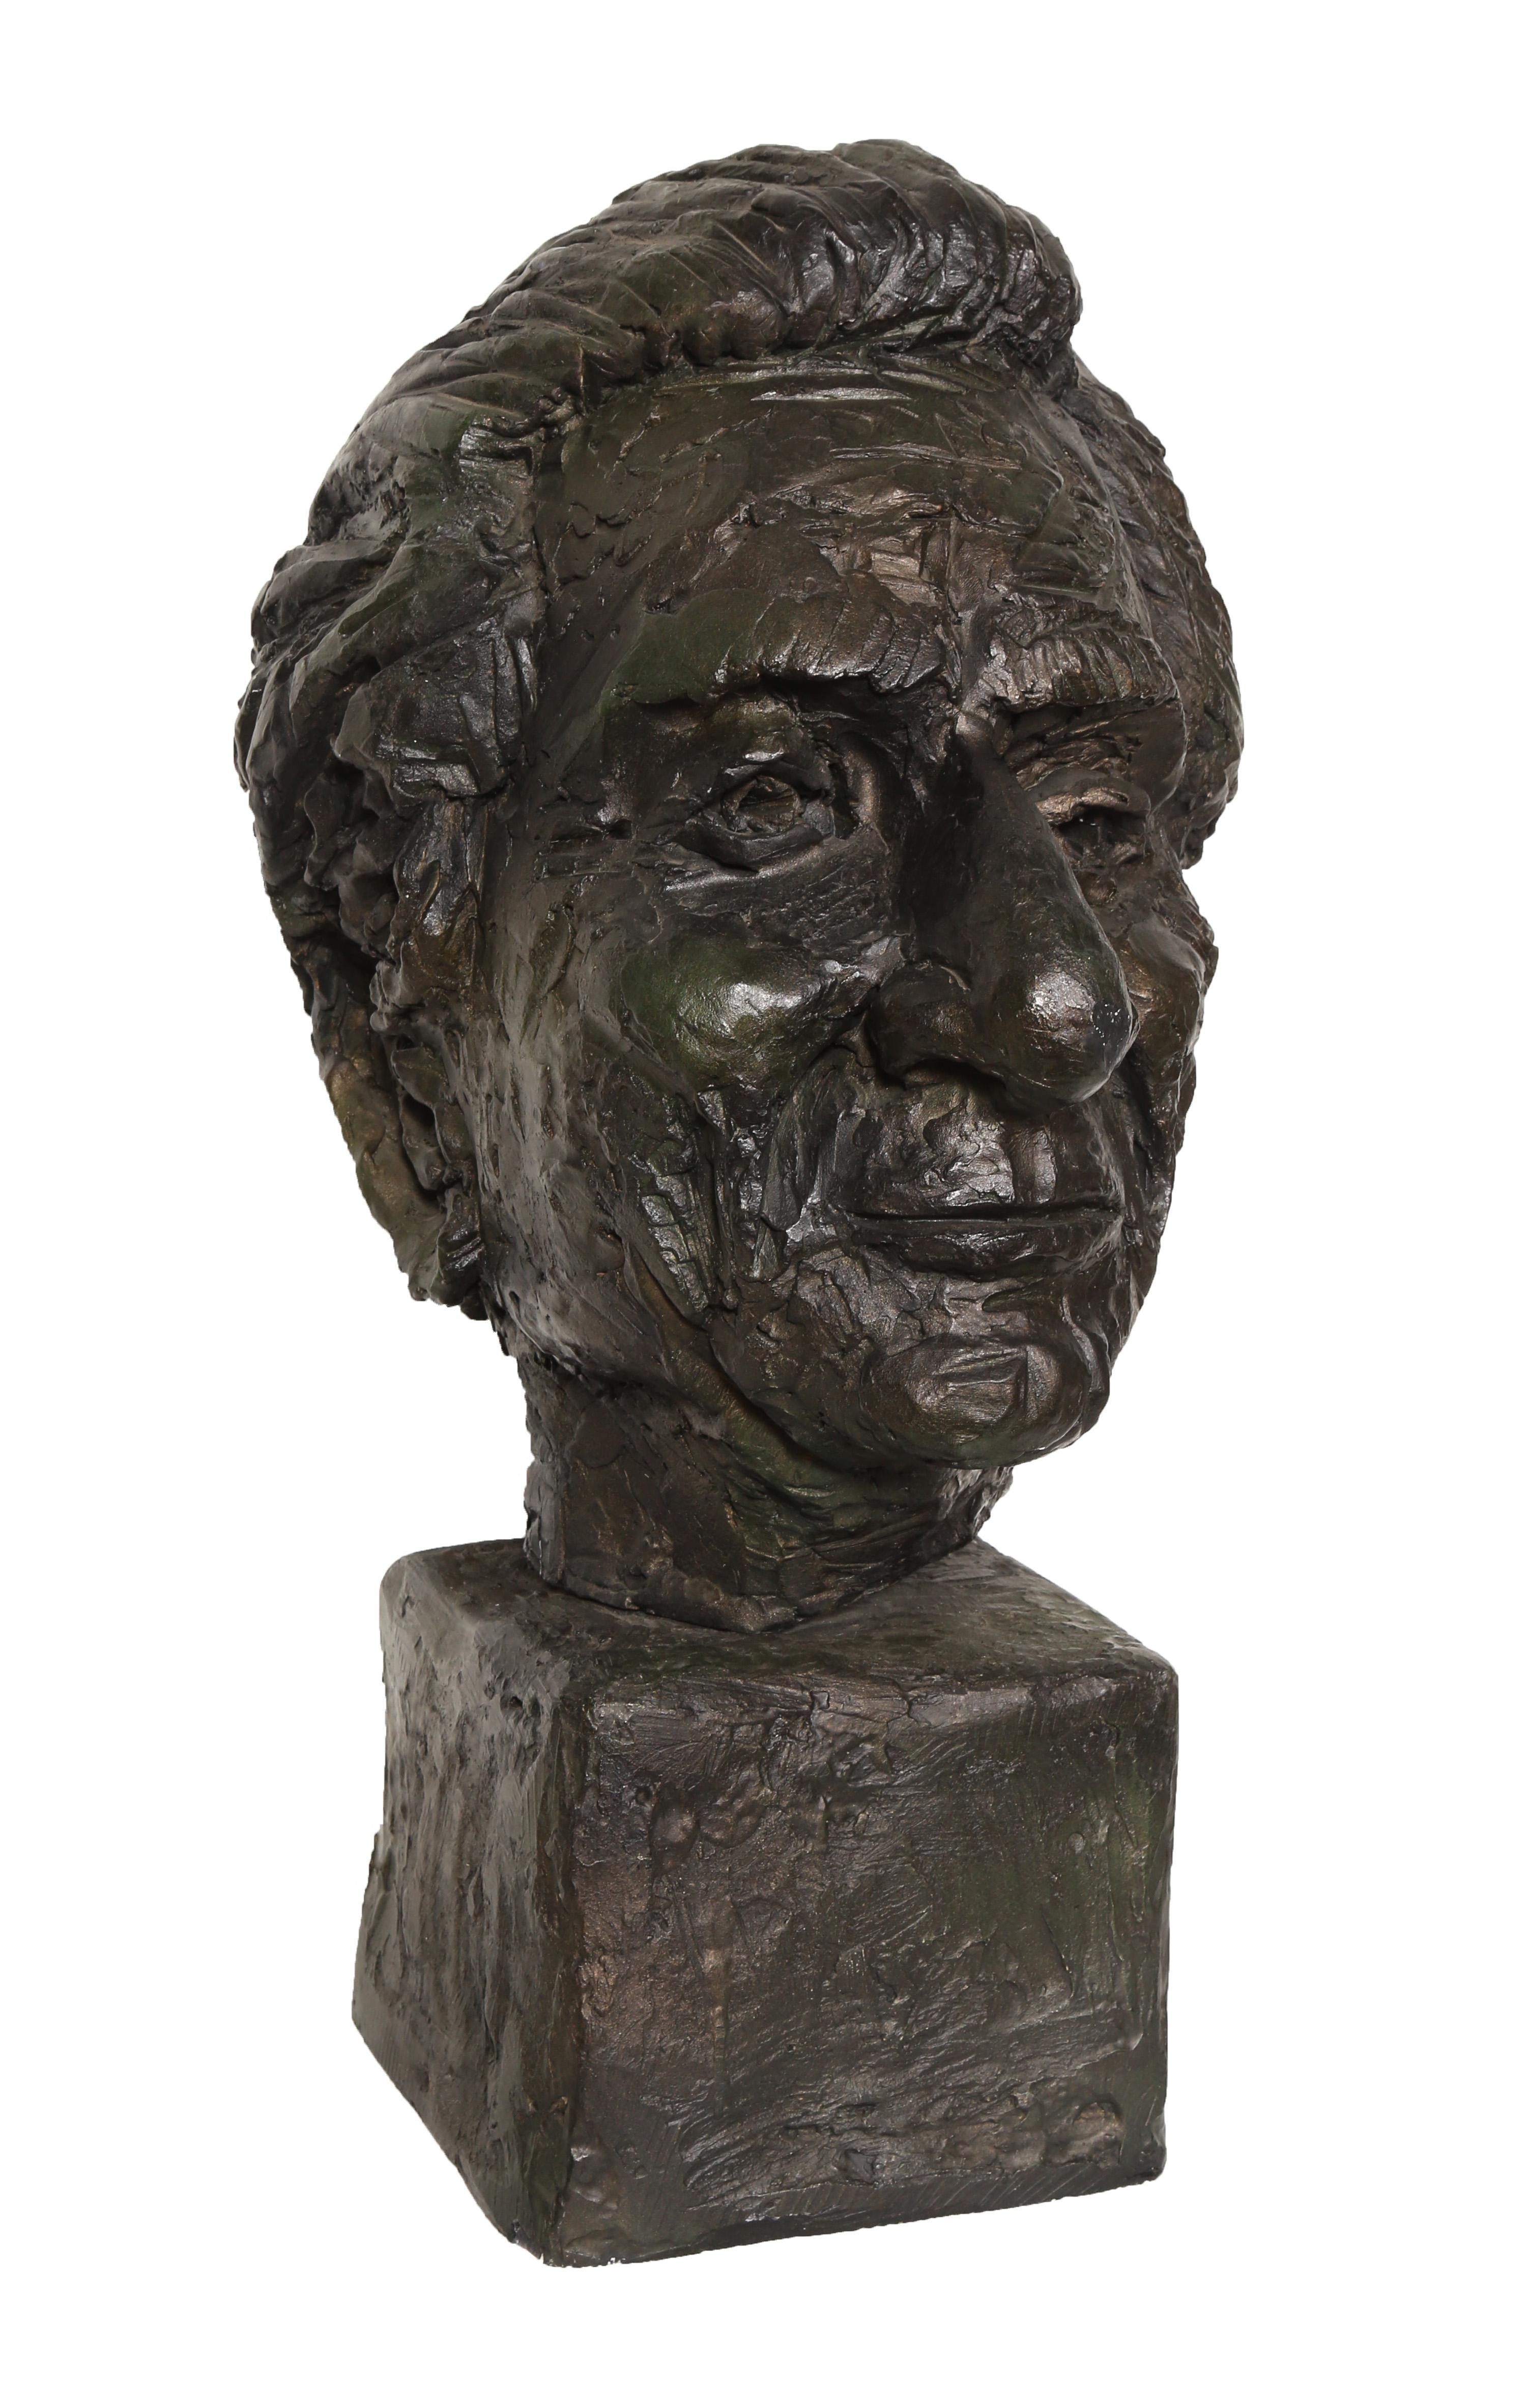 Bust of a Man, Sculpture by Paul von Ringelheim